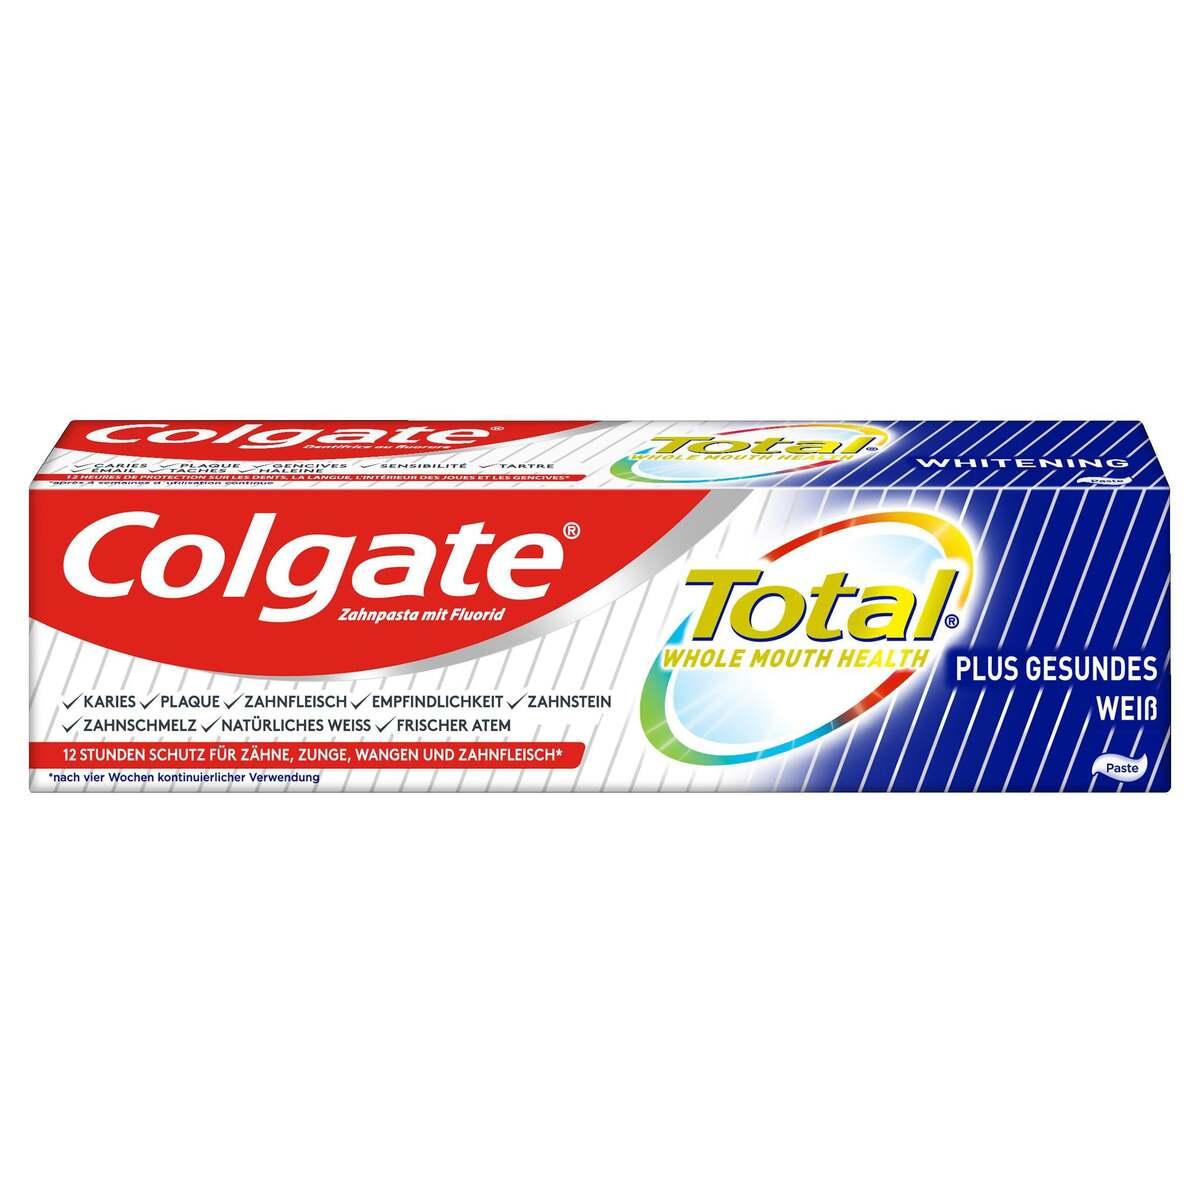 Bild 1 von Colgate Total Plus Gesundes Weiß Zahnpasta 2.65 EUR/100 ml